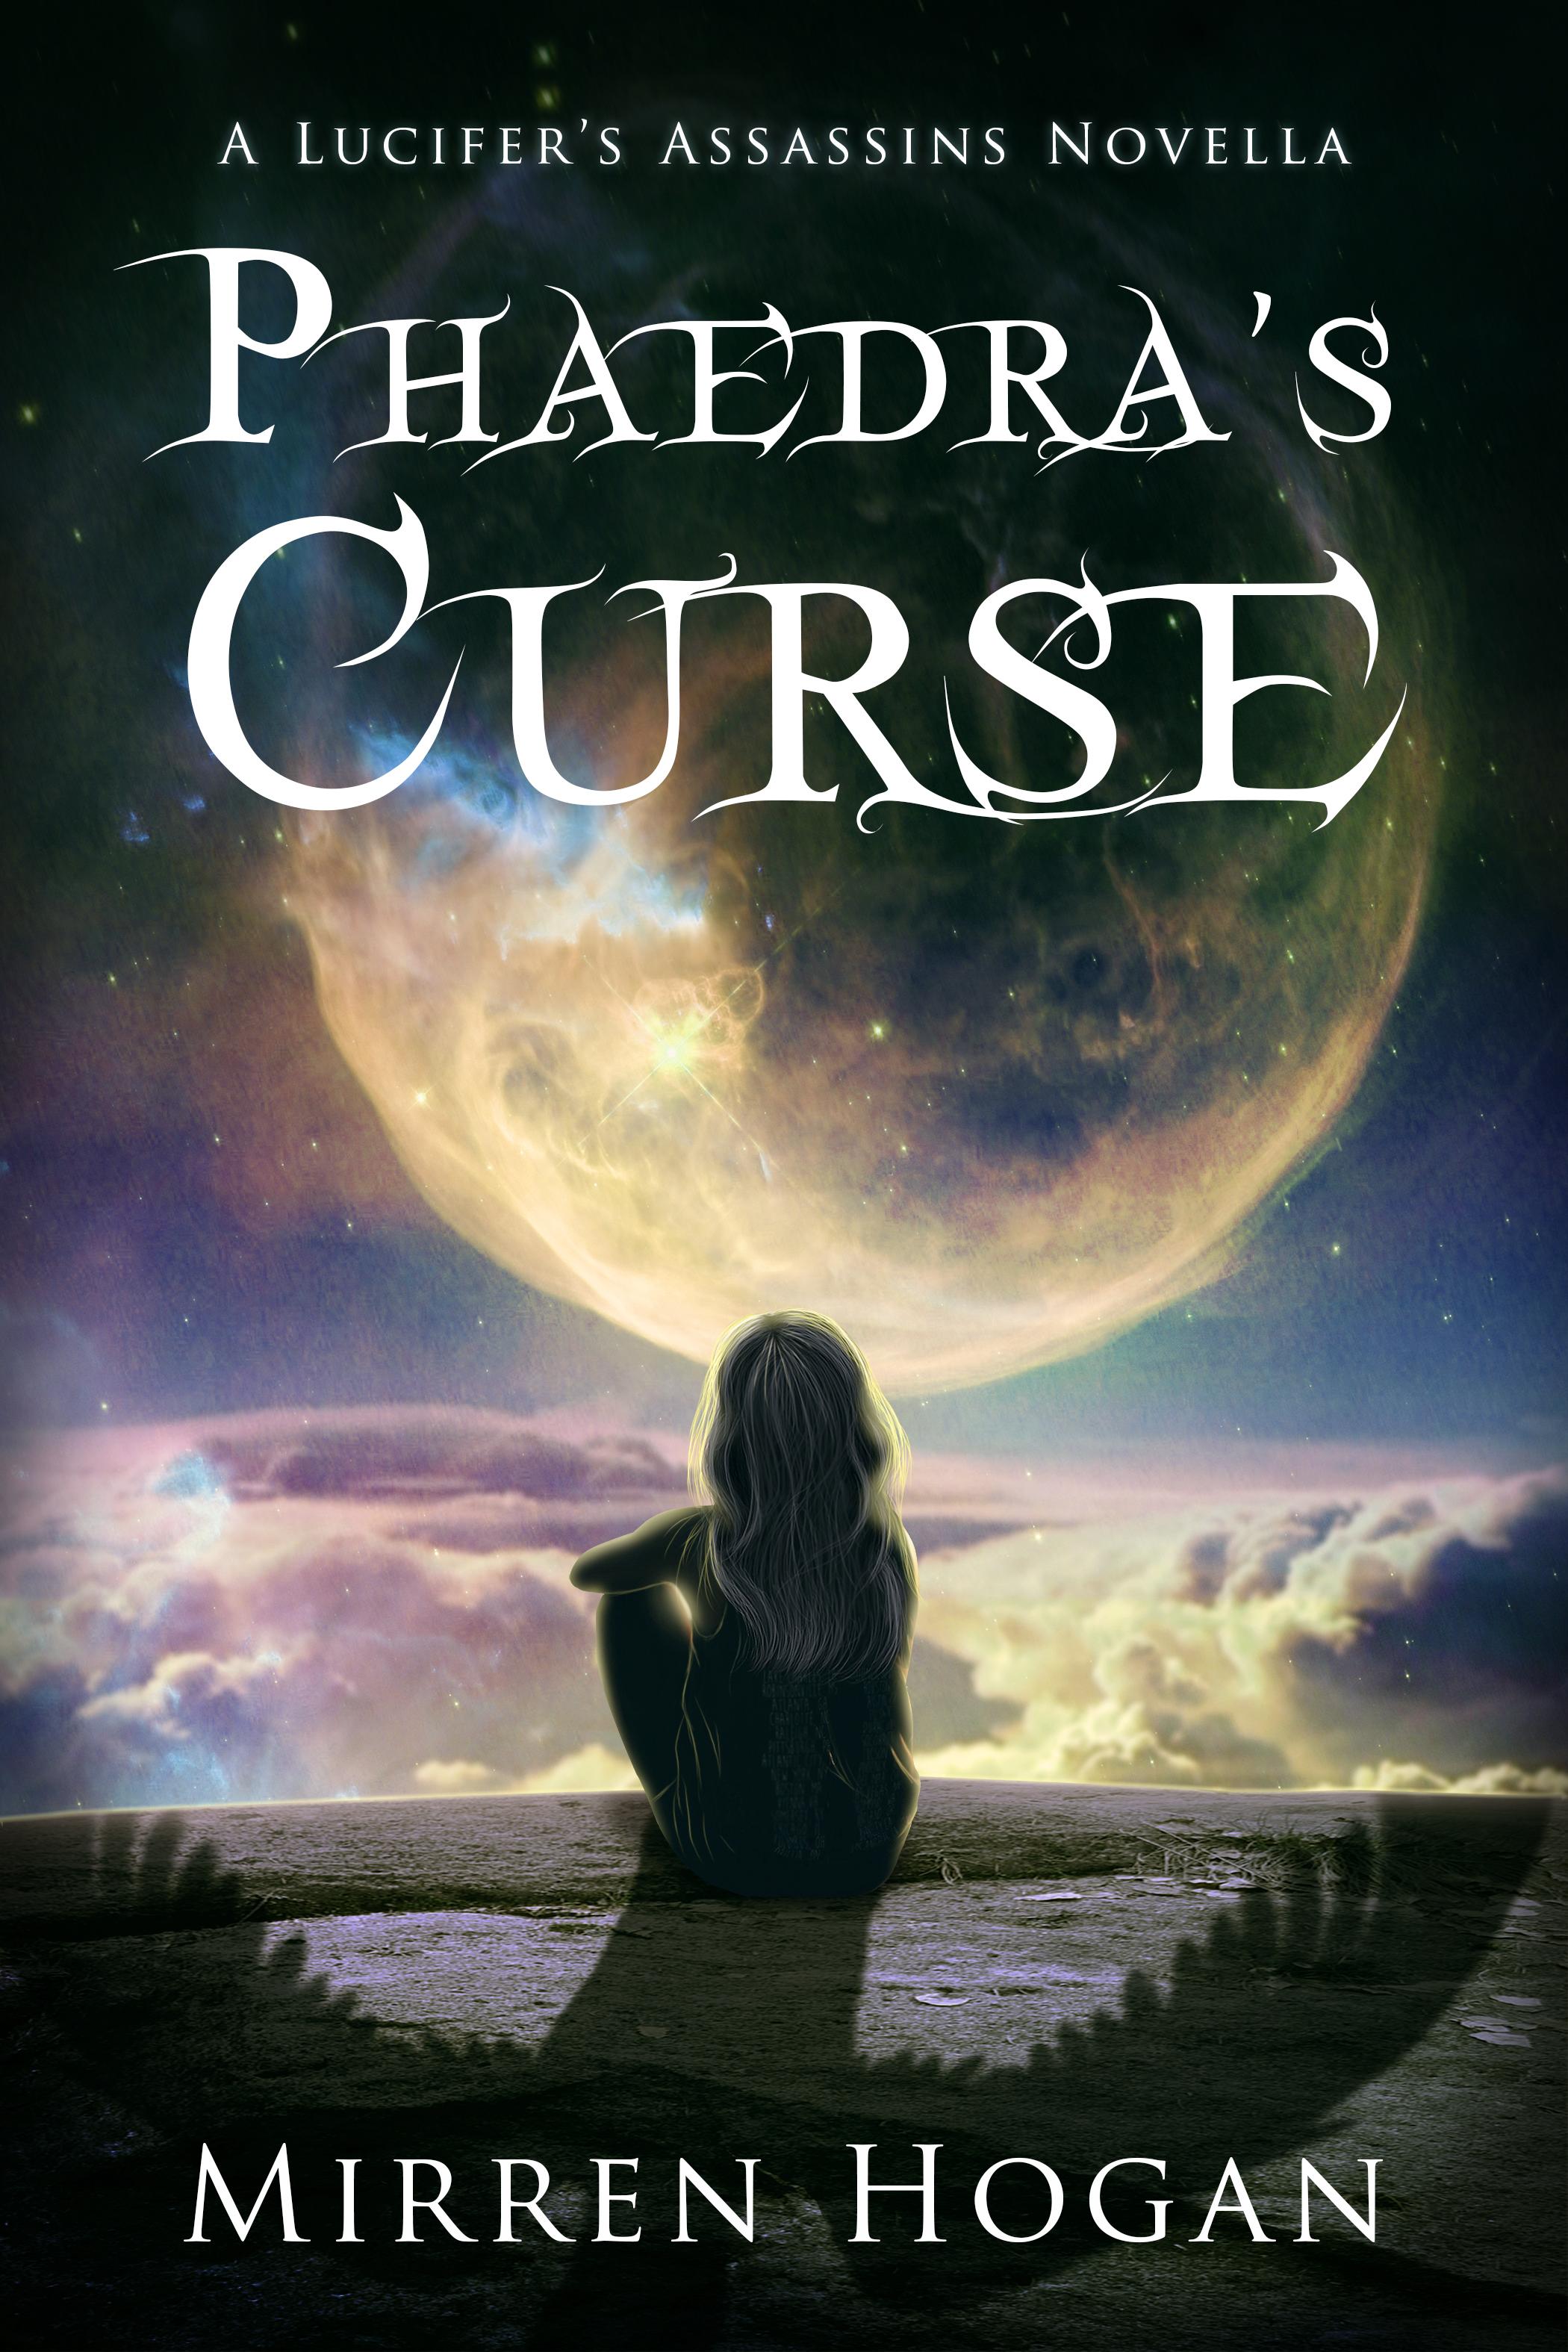 Phaedra's Curse Mirren Hogan